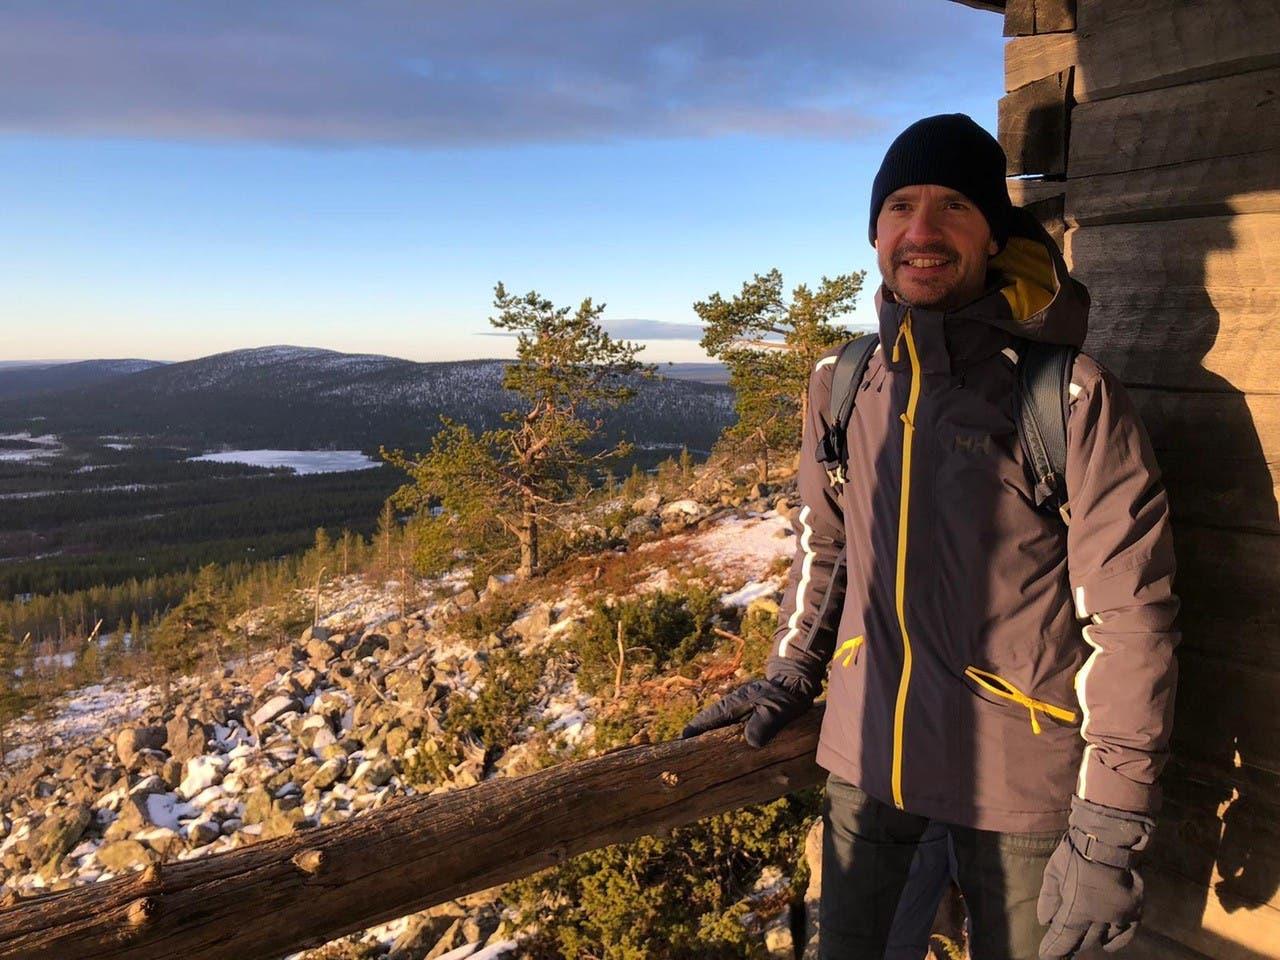 Finnland bietet grossartige Naturerlebnisse an; im Land gibt es 40 Nationalpärke.